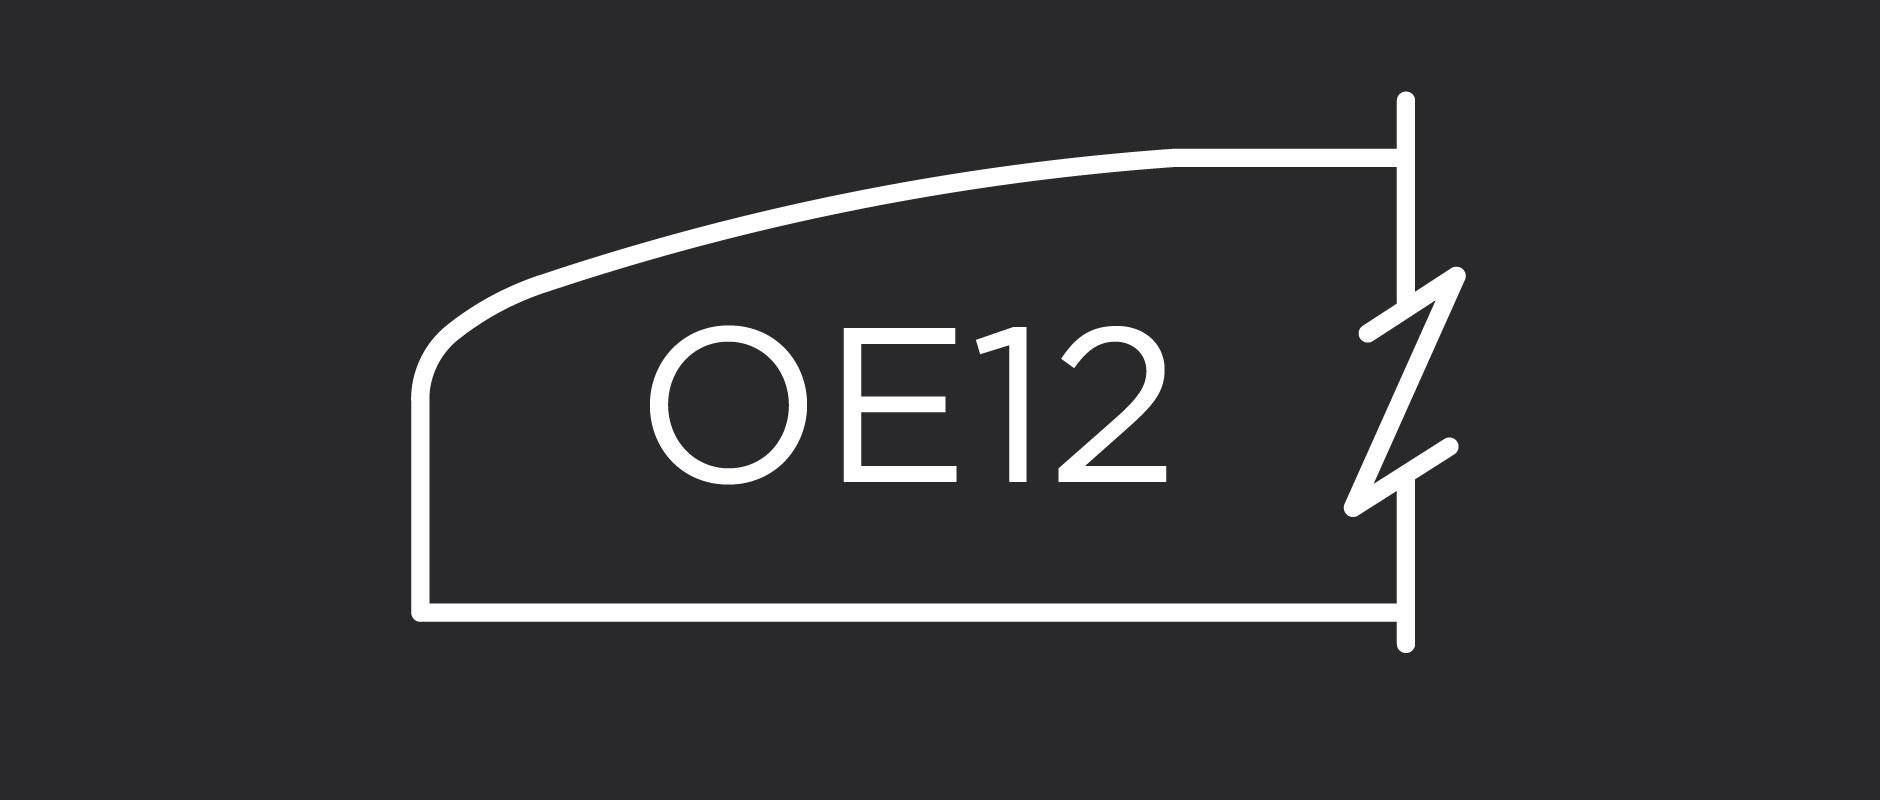 OE12 outside edge profile